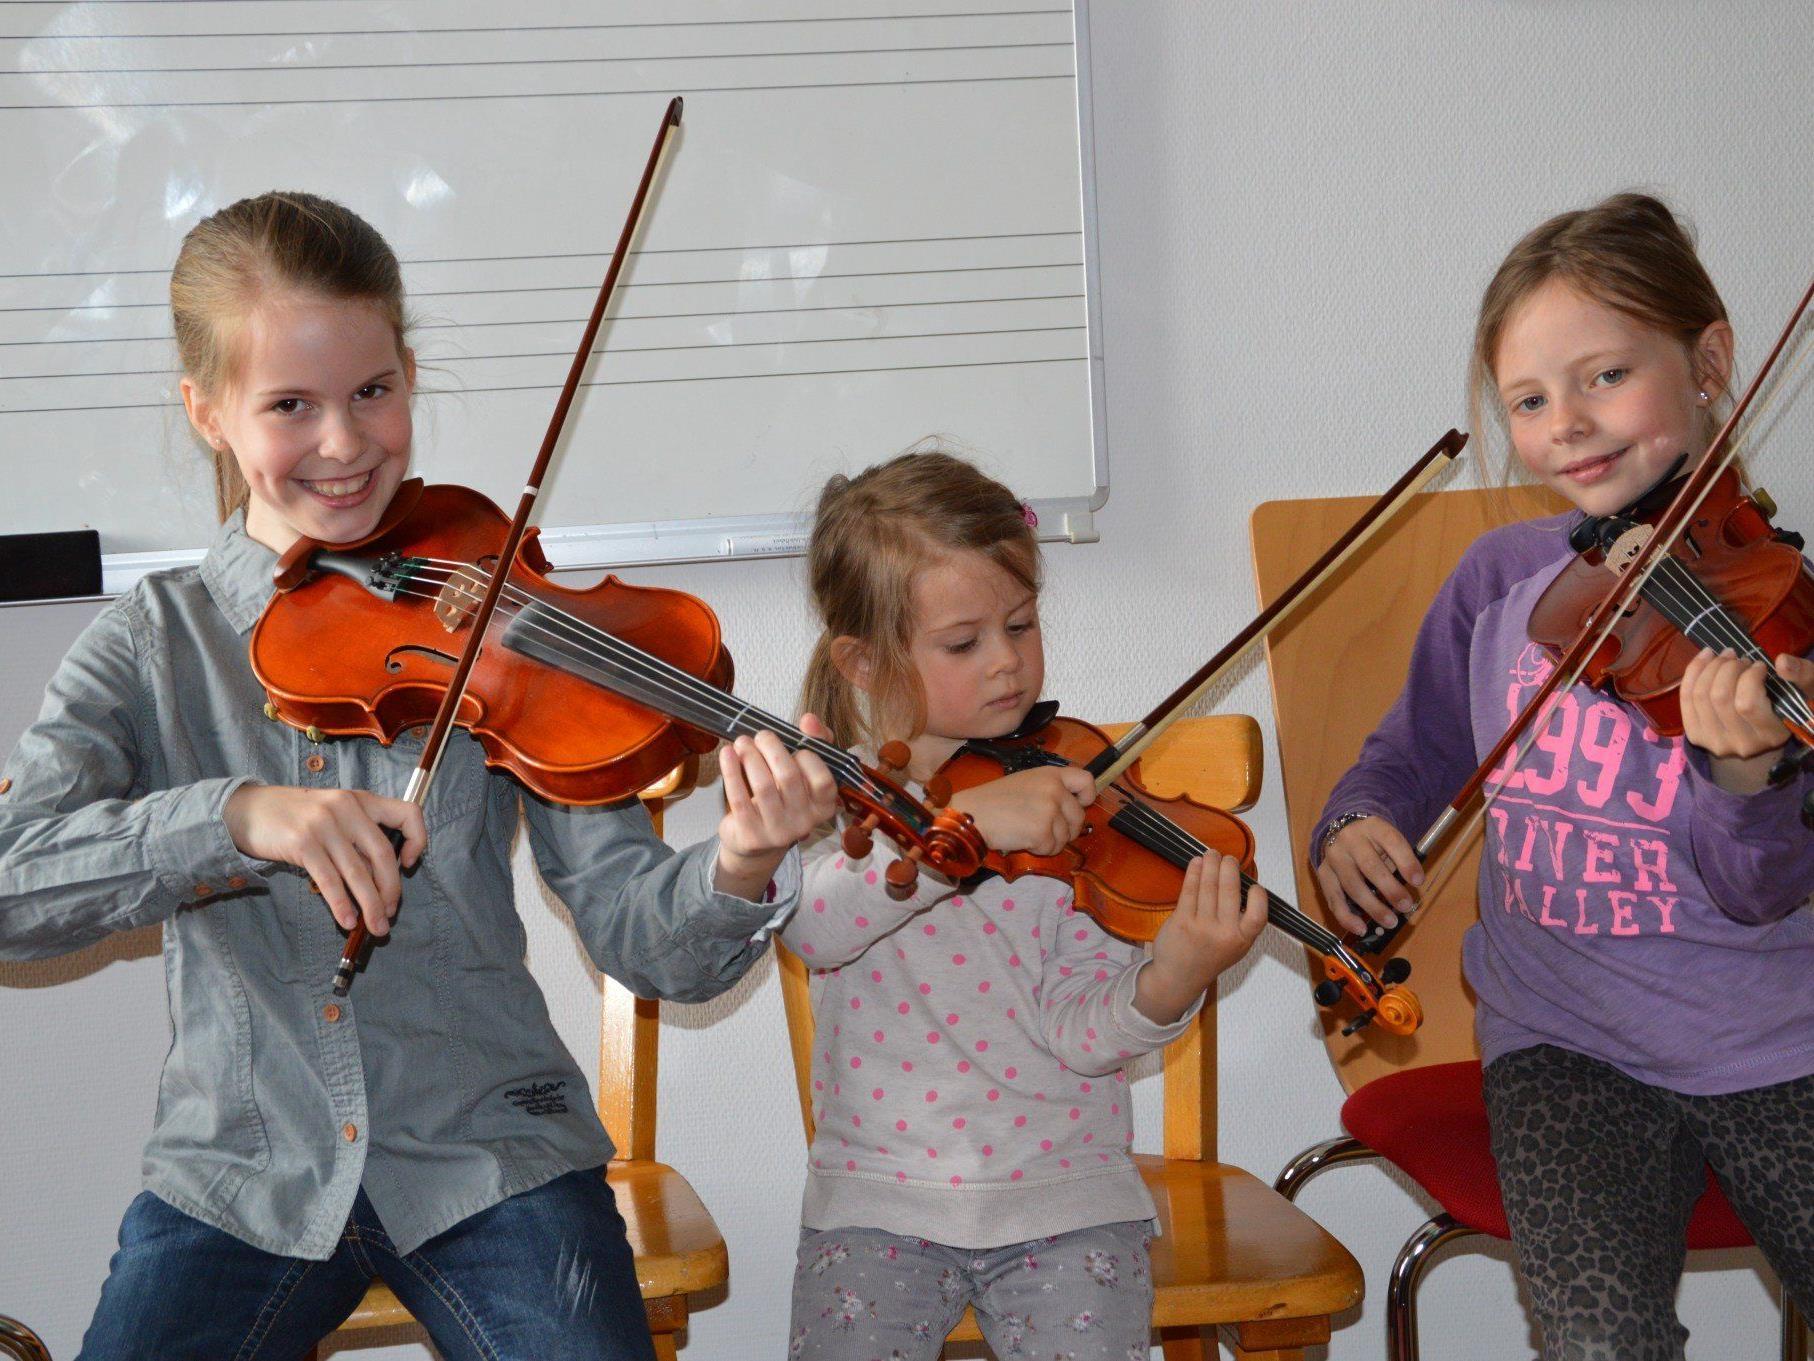 Die jungen Geigenspielerinnen Josefa und Lina nehmen Johanna in die Mitte